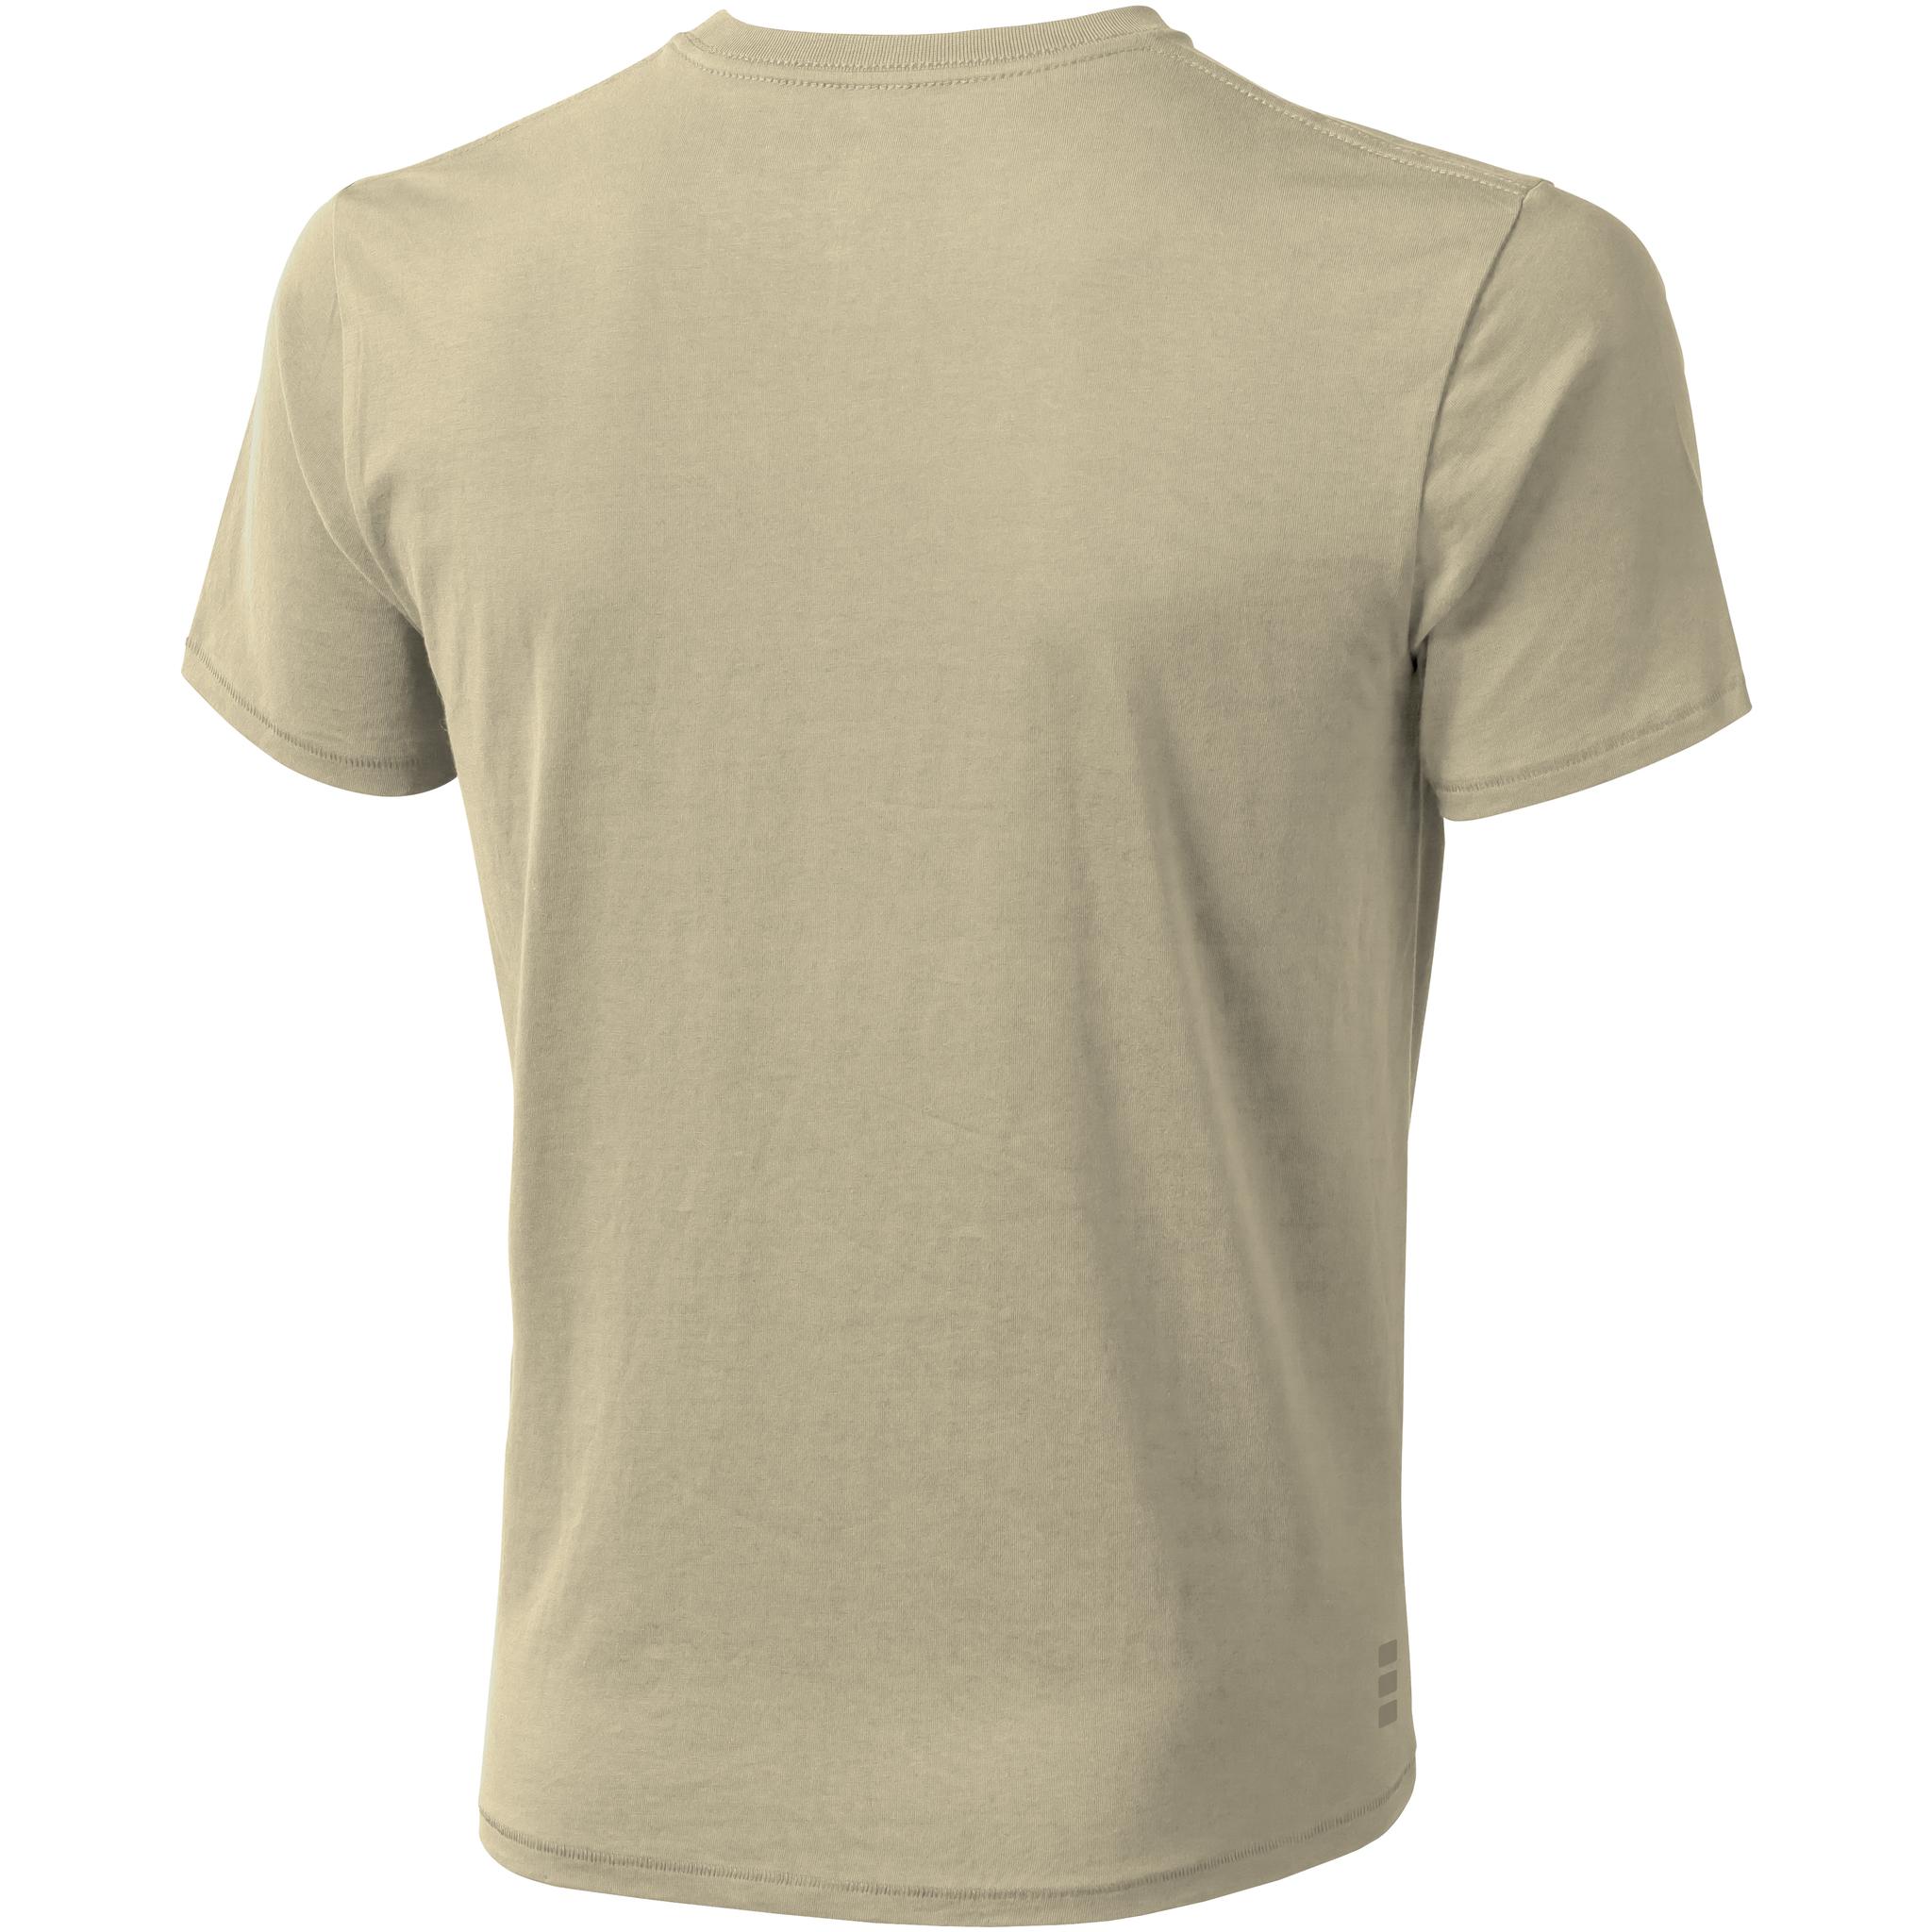 Elevate-Mens-Nanaimo-Short-Sleeve-T-Shirt-PF1807 thumbnail 32